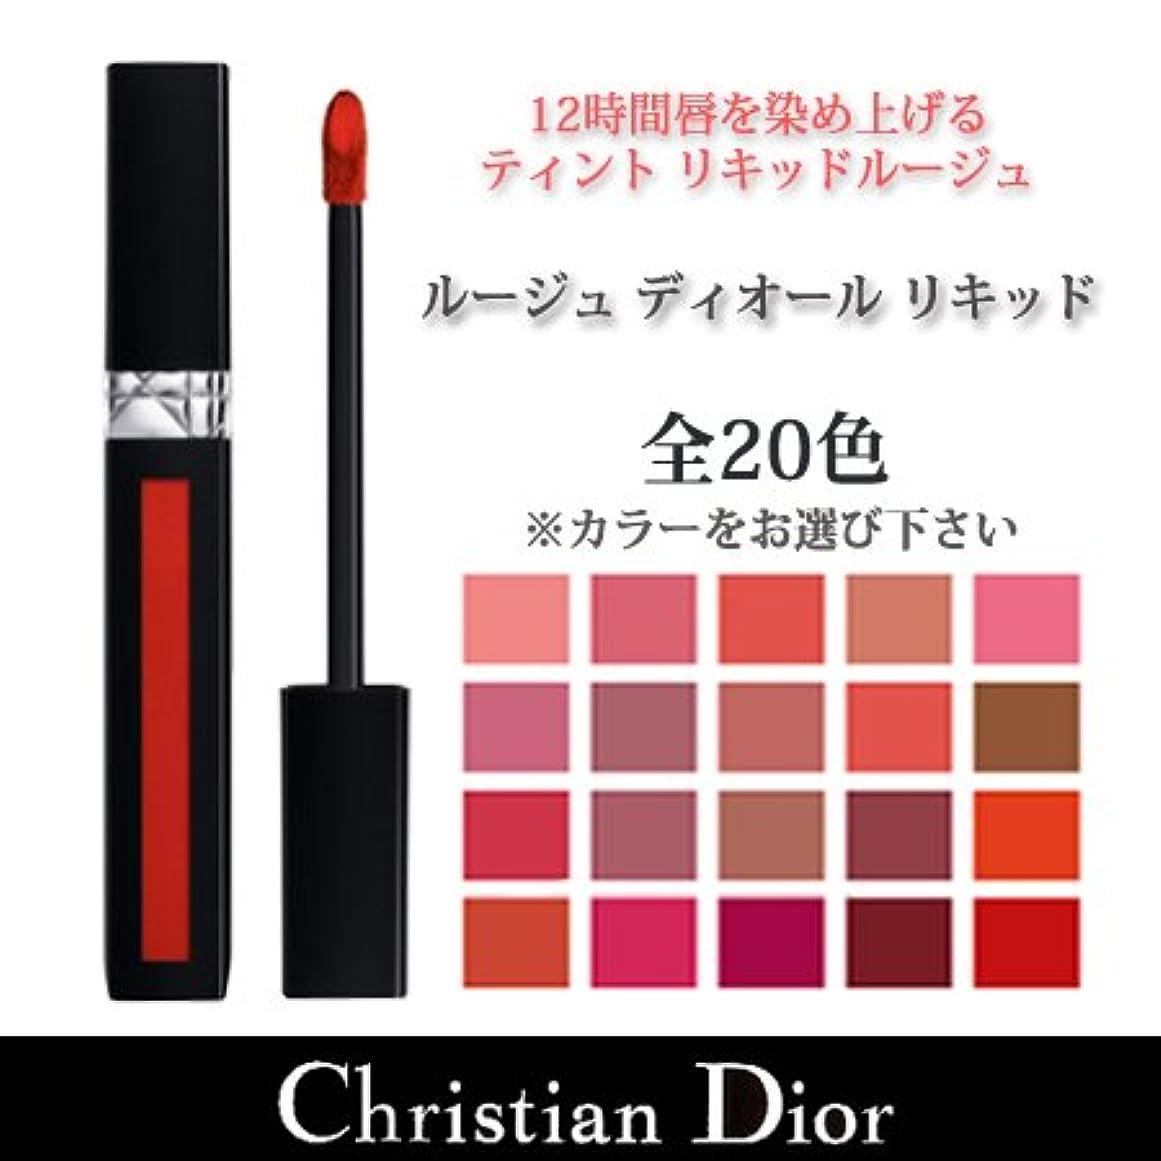 促すお酢放送ディオール ルージュ ディオール リキッド 全20色 -Dior- 272